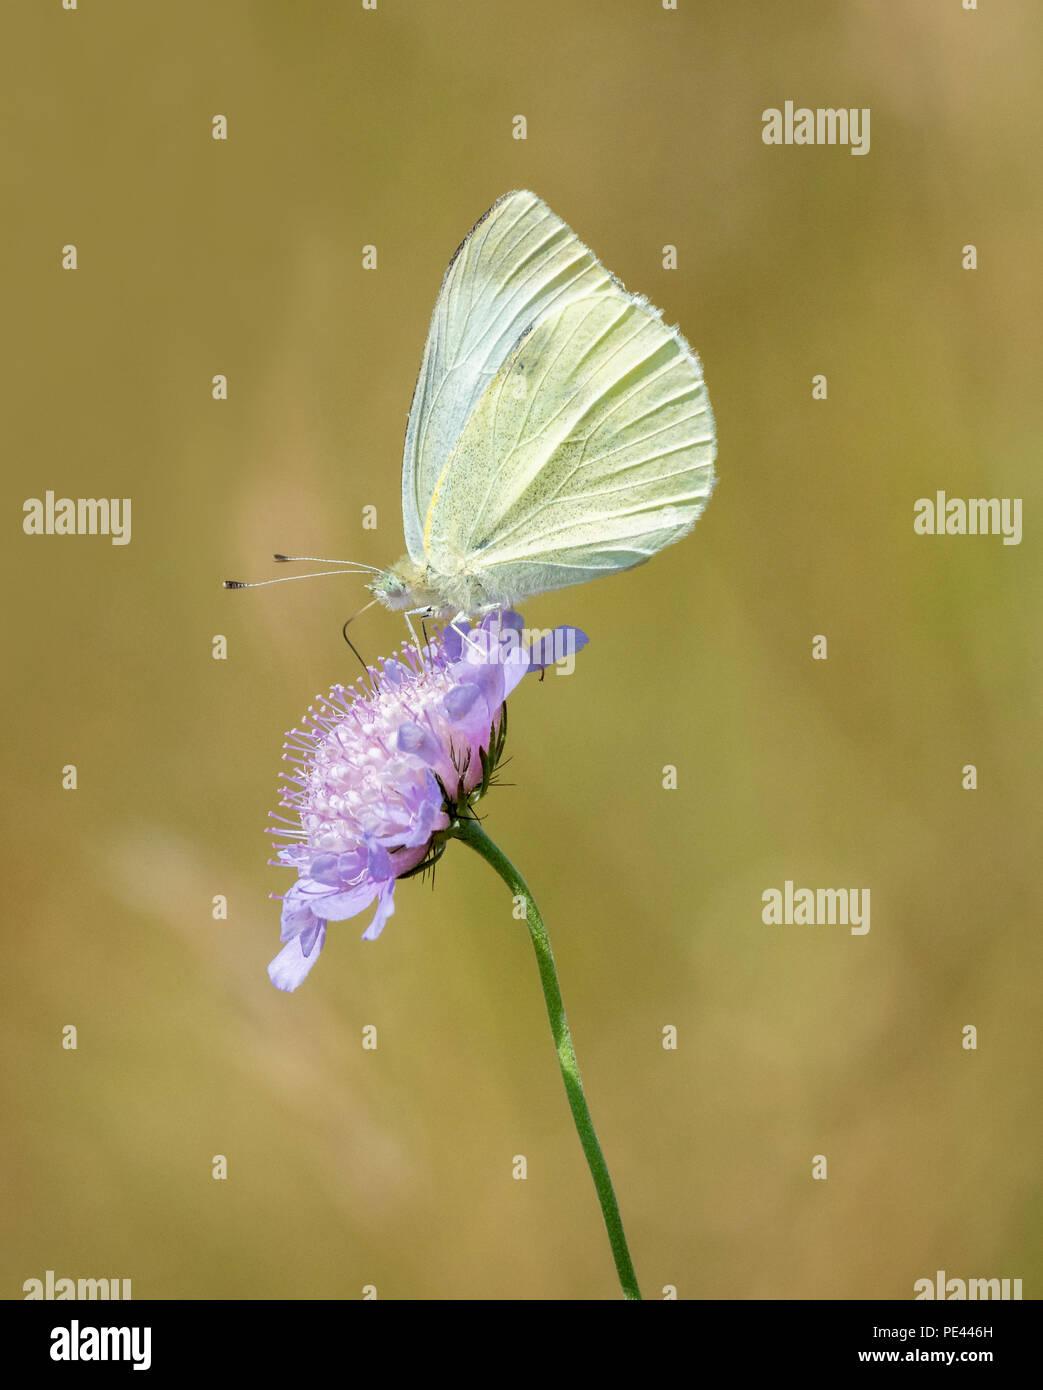 Femmina bianca di grandi dimensioni butterfly Sarcococca brassicae sul campo fiore scabious con forewing chiusa per nascondere nero STAMPIGLIATURA PARAFANGO Immagini Stock